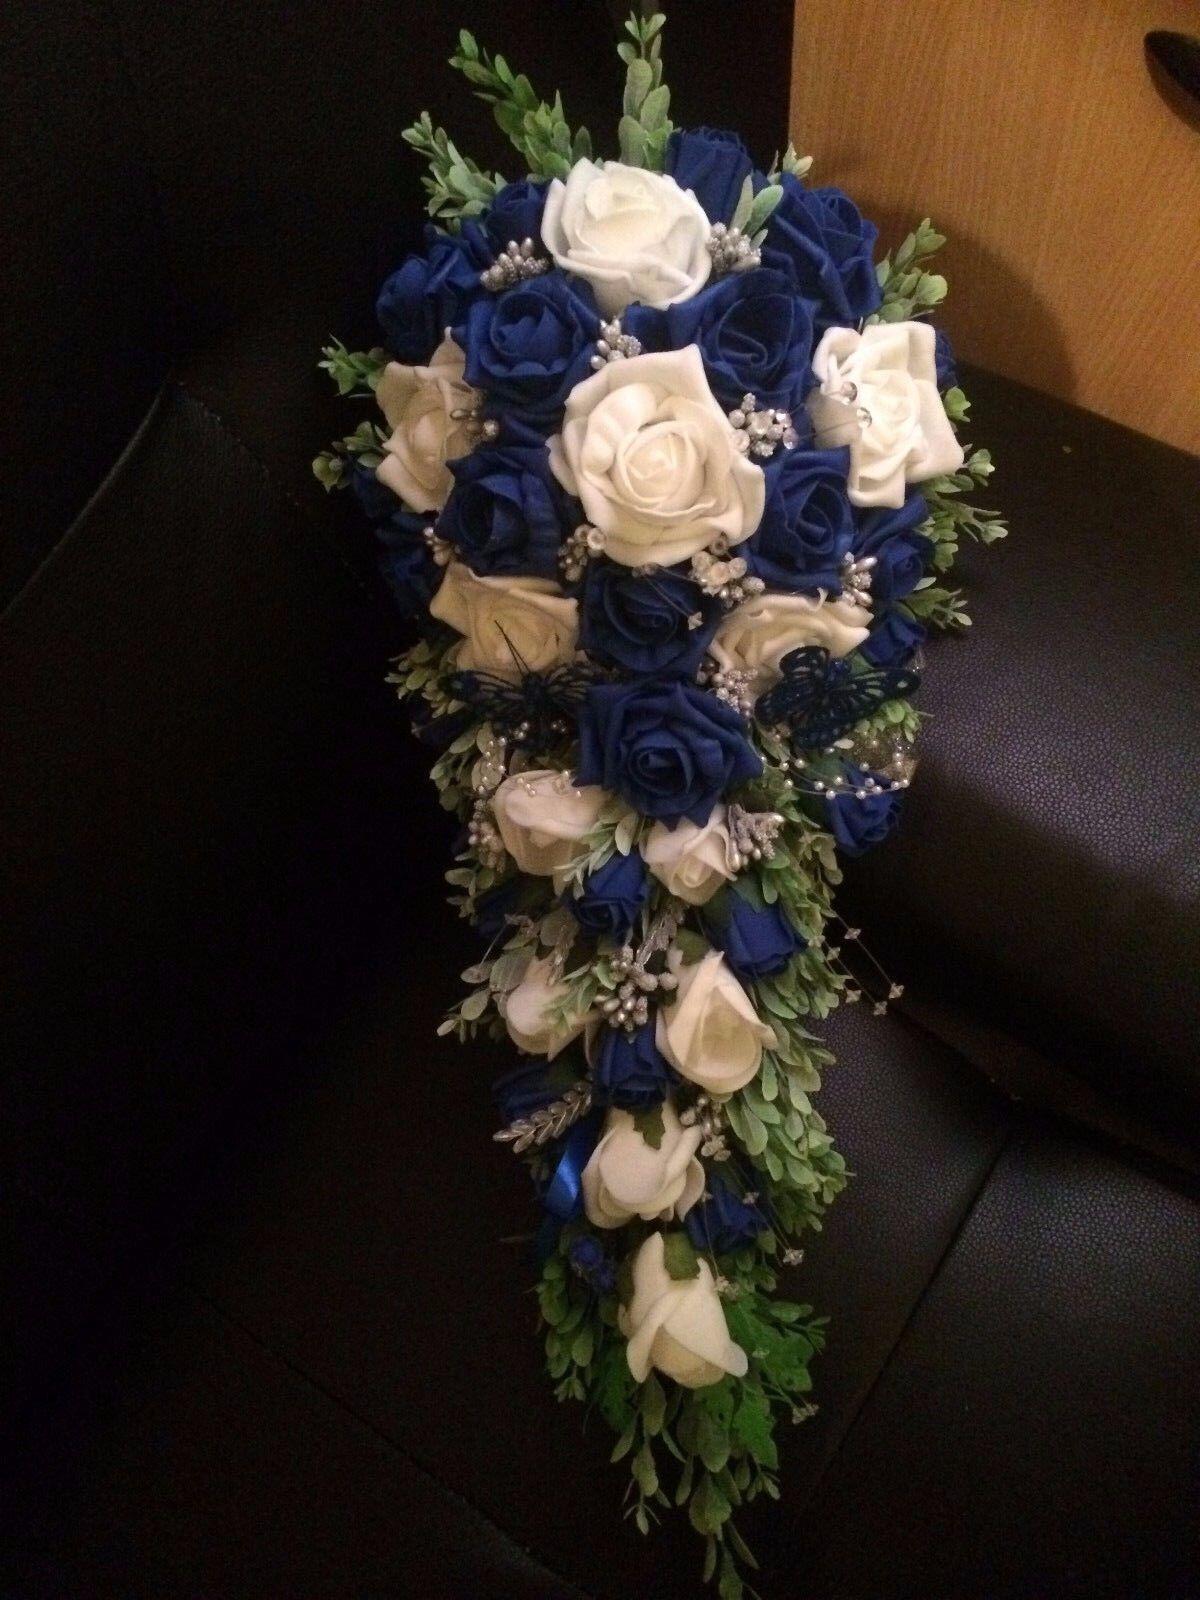 Mariage Fleurs Mariée Douche Bouquet Royal Bleu & Blanc & Argent 49.99 £